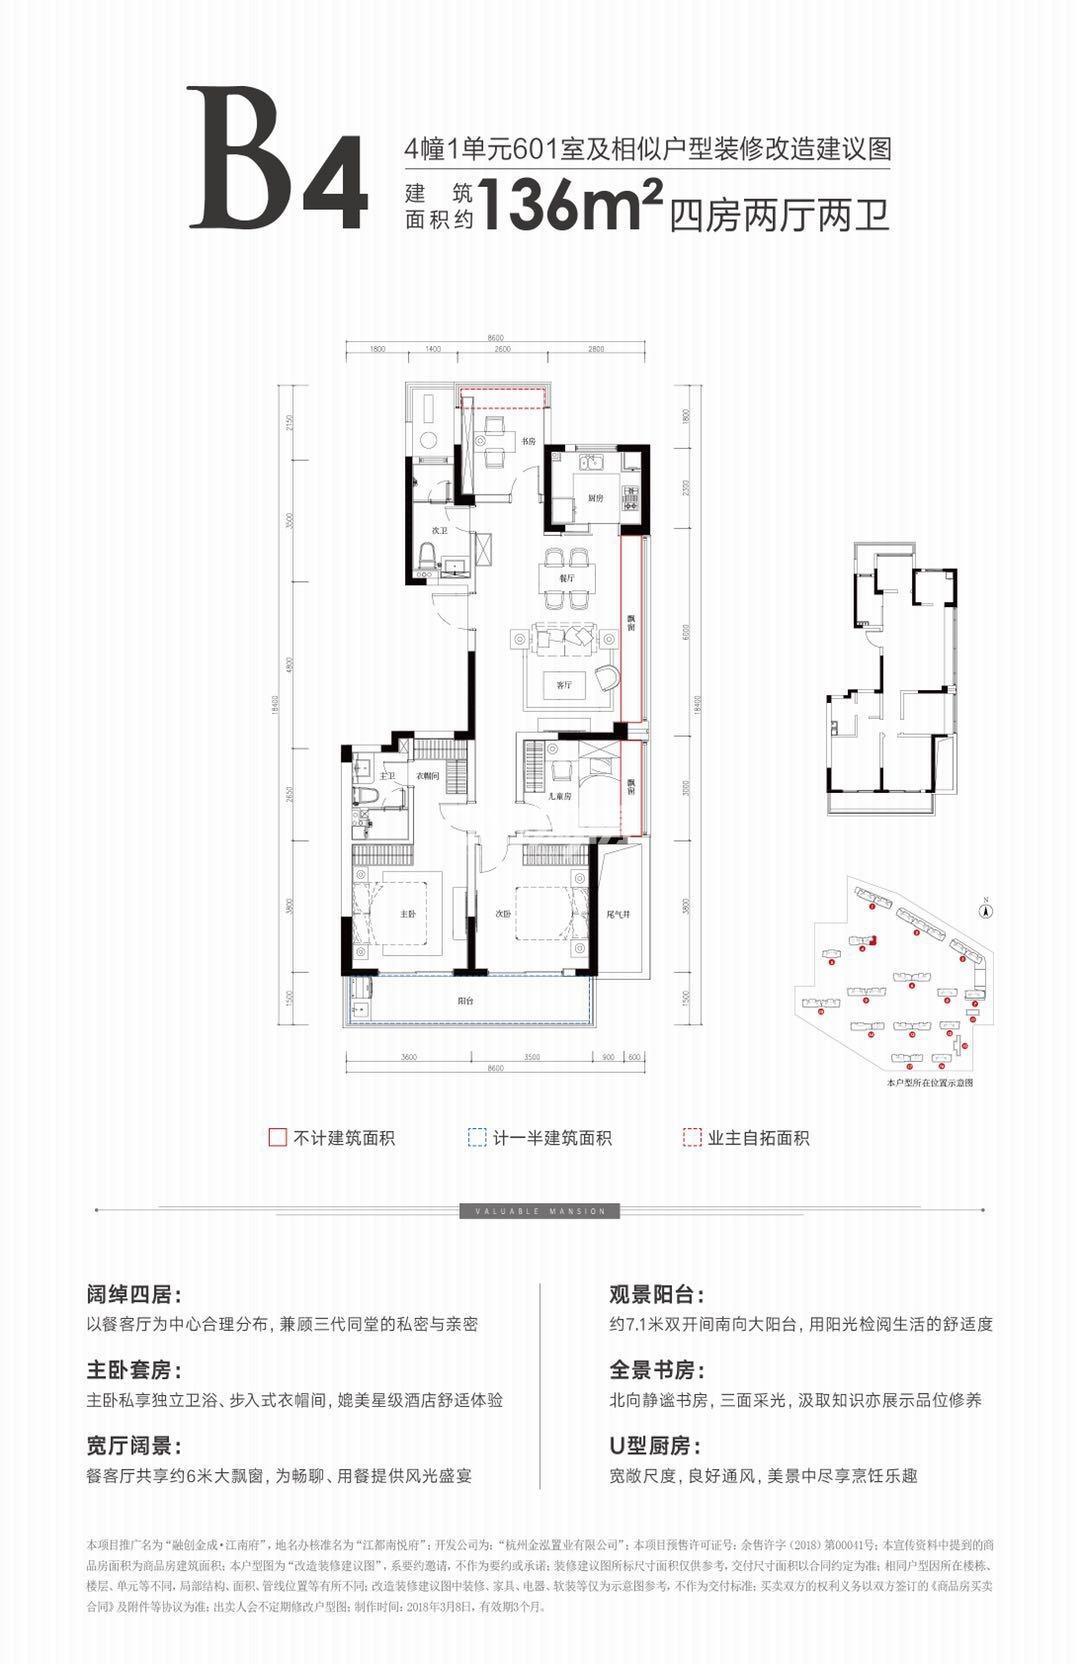 融创金成江南府项目4号楼B4户型136方